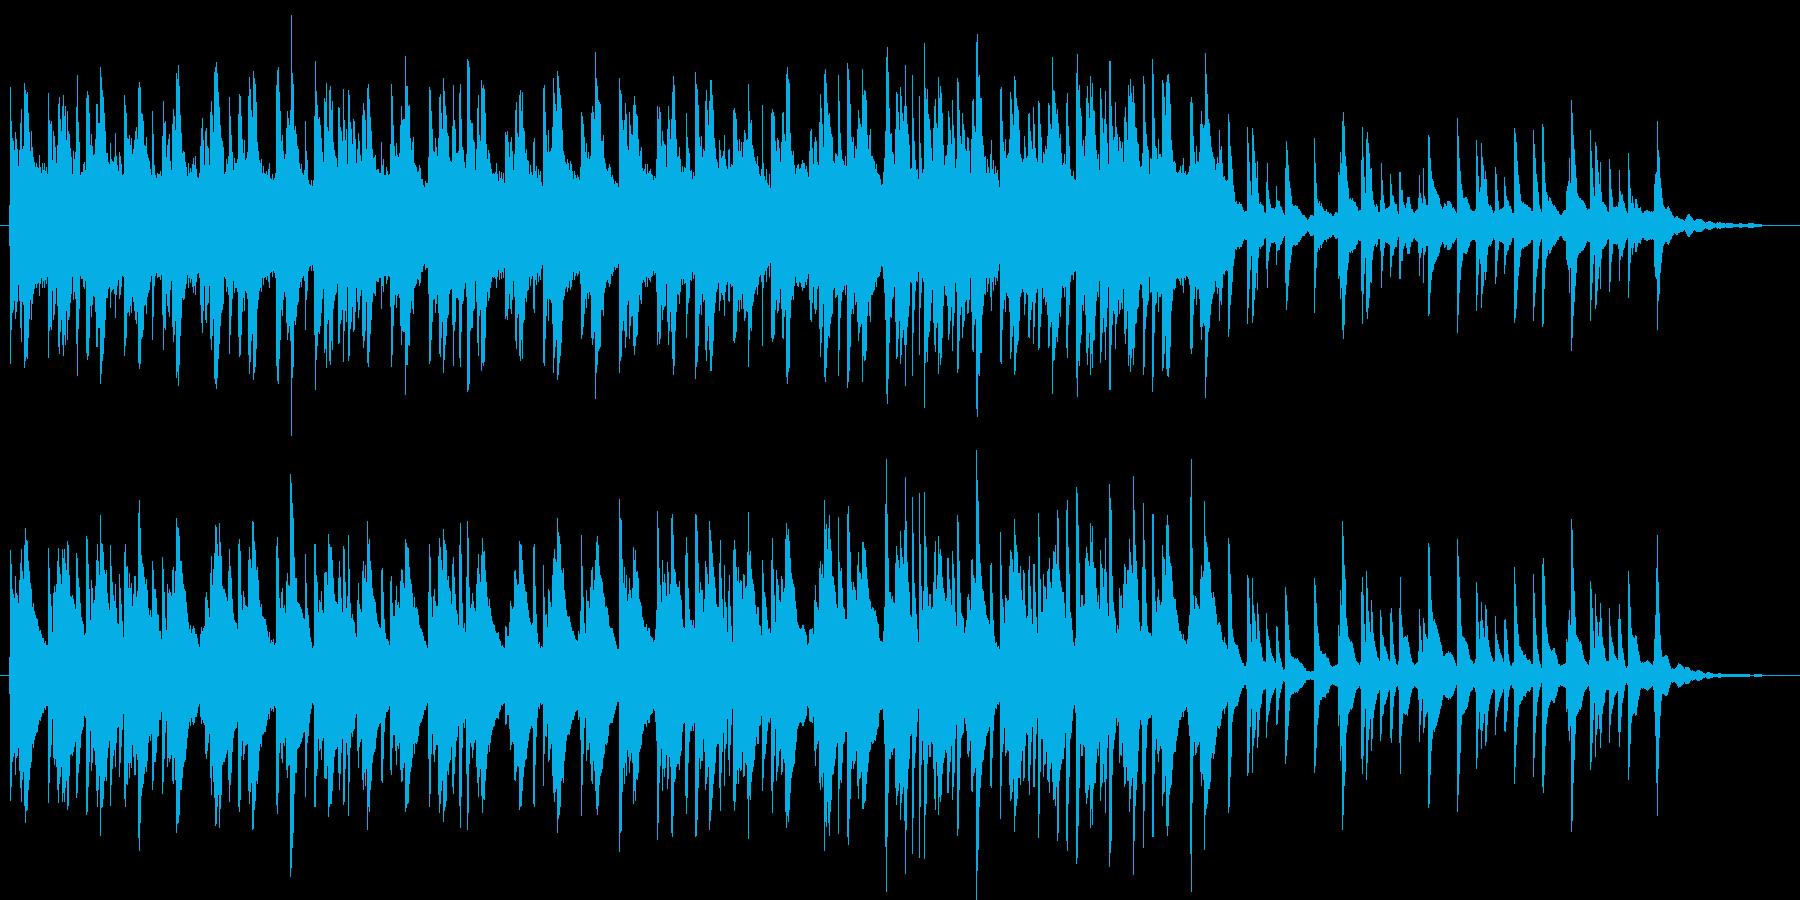 静かな雨の朝をイメージしたピアノソロ曲の再生済みの波形